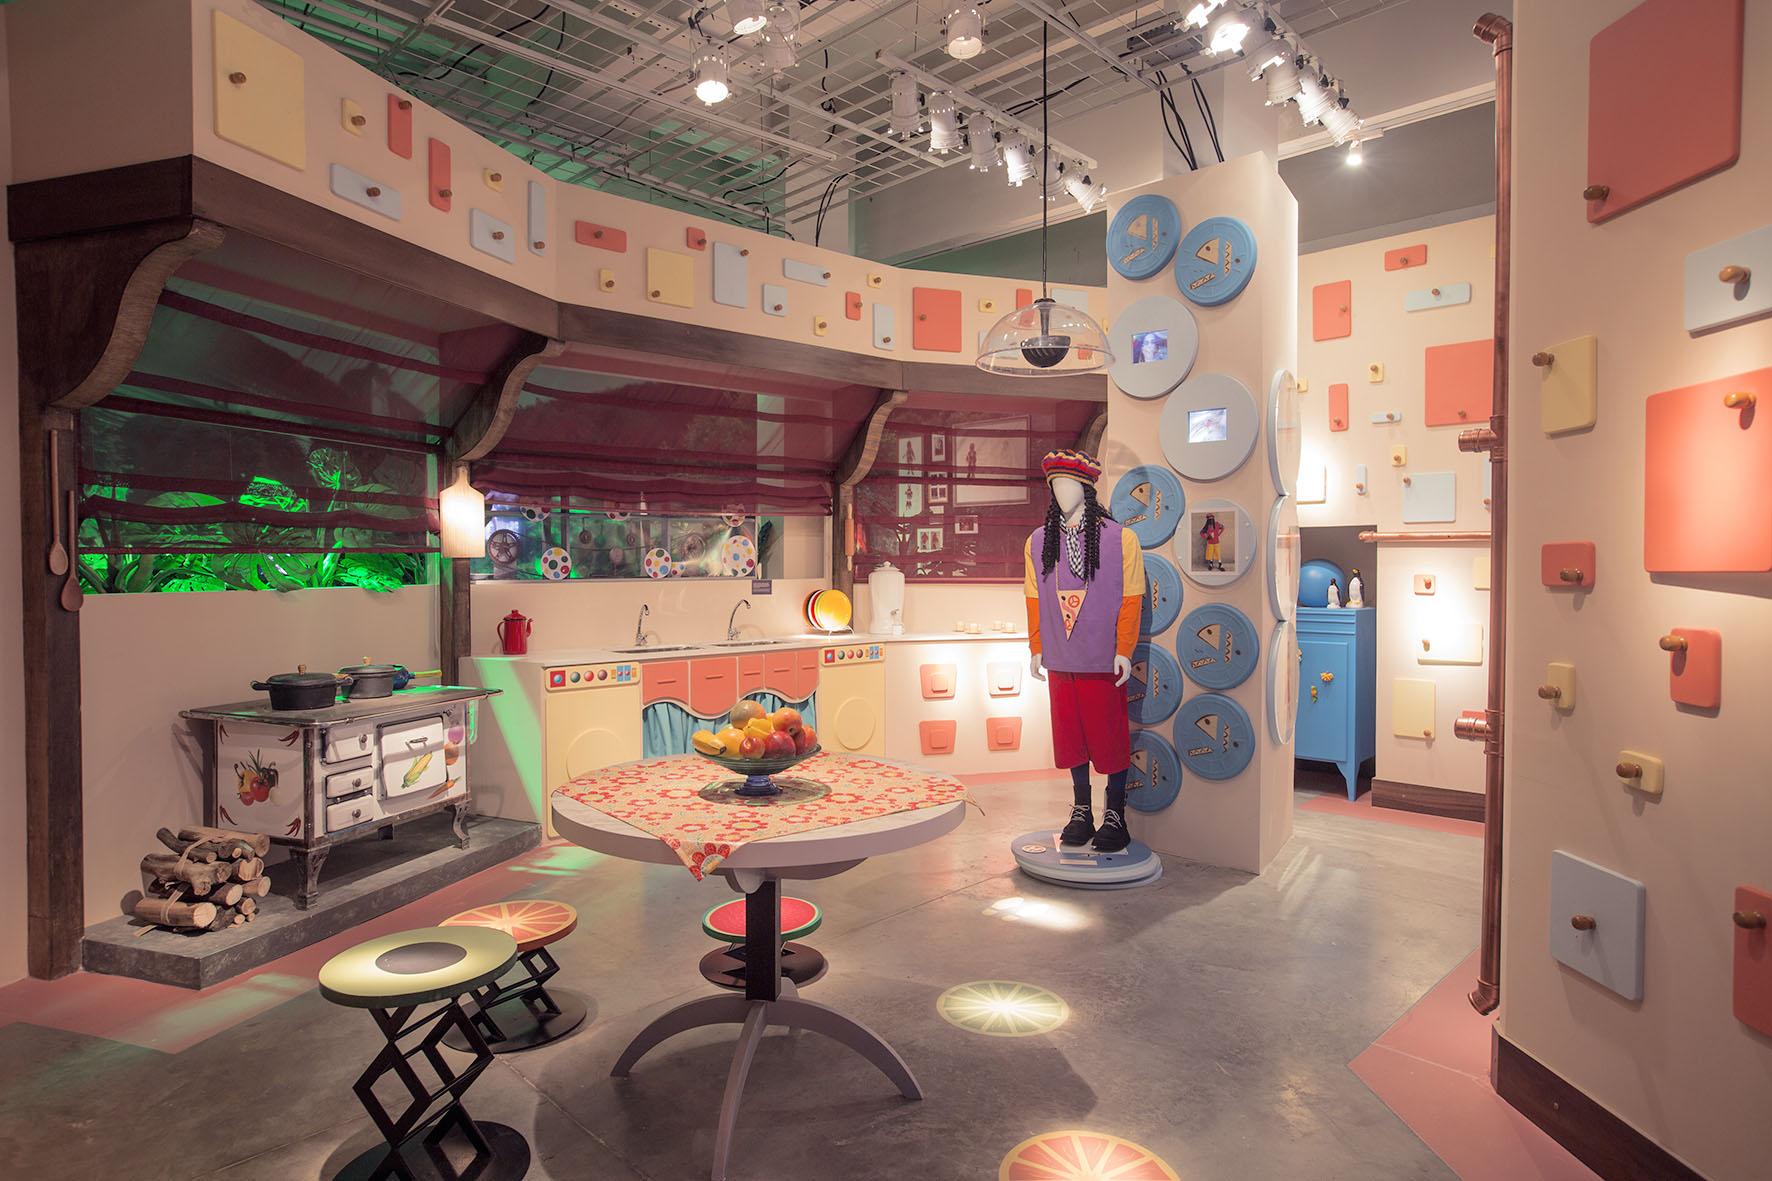 Cozinha Castelo Rá-Tim-Bum A exposição